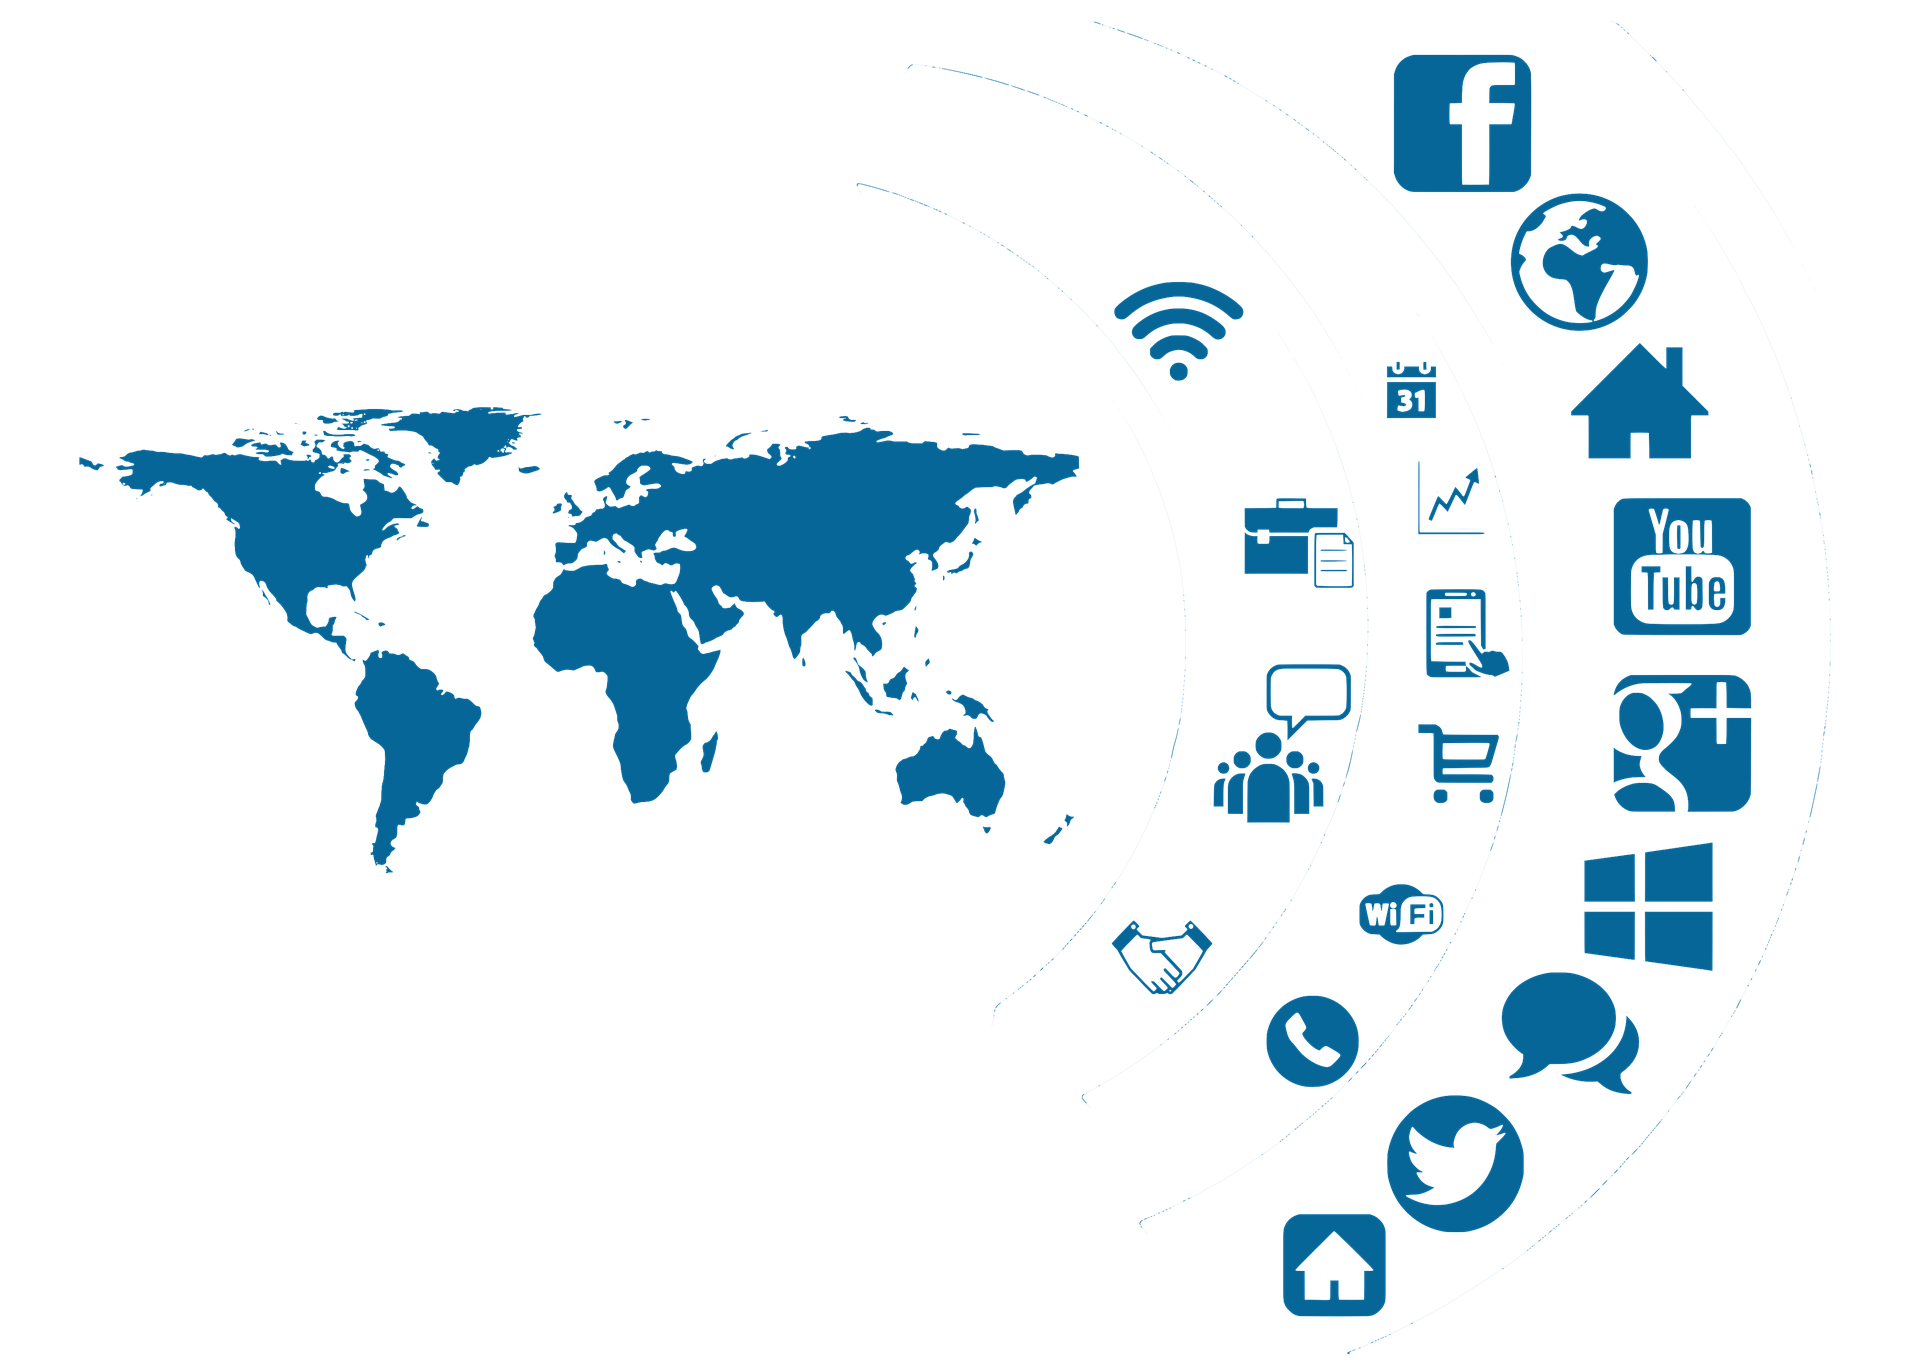 social,media,facebook,twitter,instagram,pinterest,google+,youtube,blog